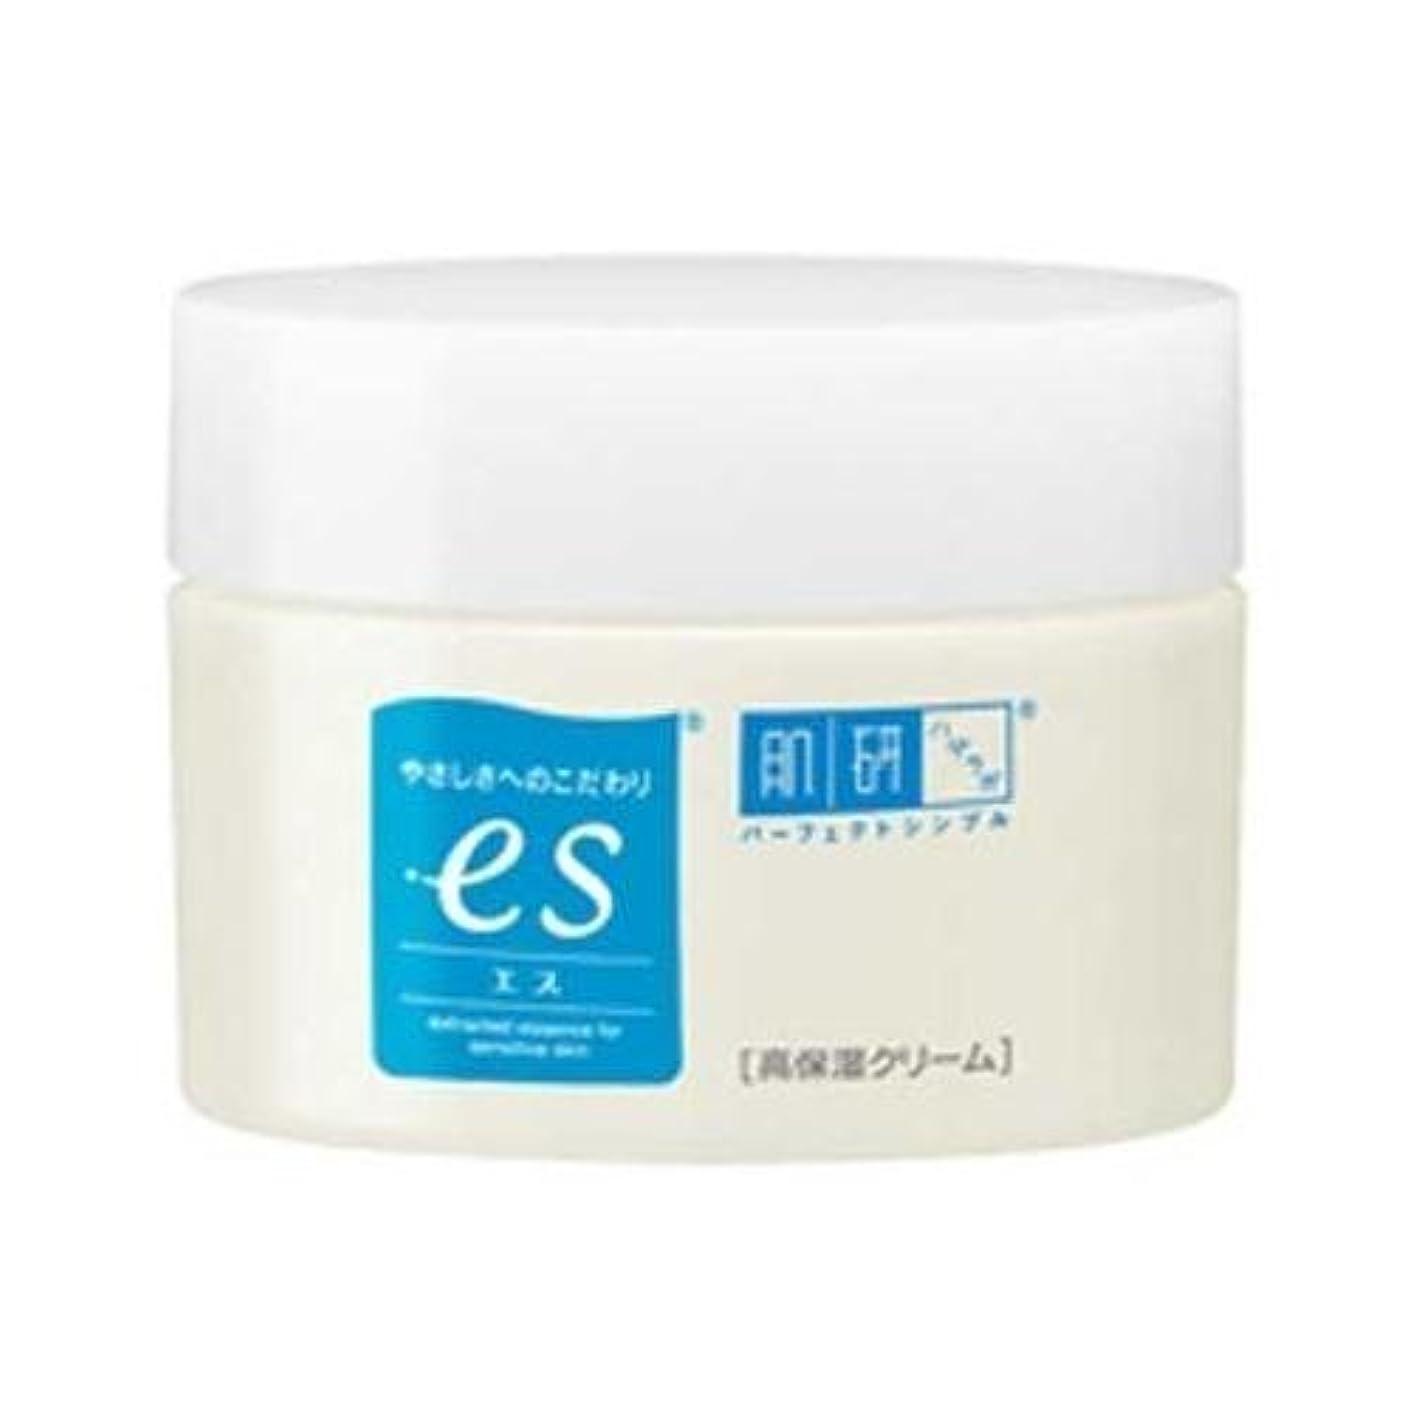 祝福溶岩机肌ラボ es(エス) ナノ化ミネラルヒアルロン酸配合 無添加処方 高保湿クリーム 50g